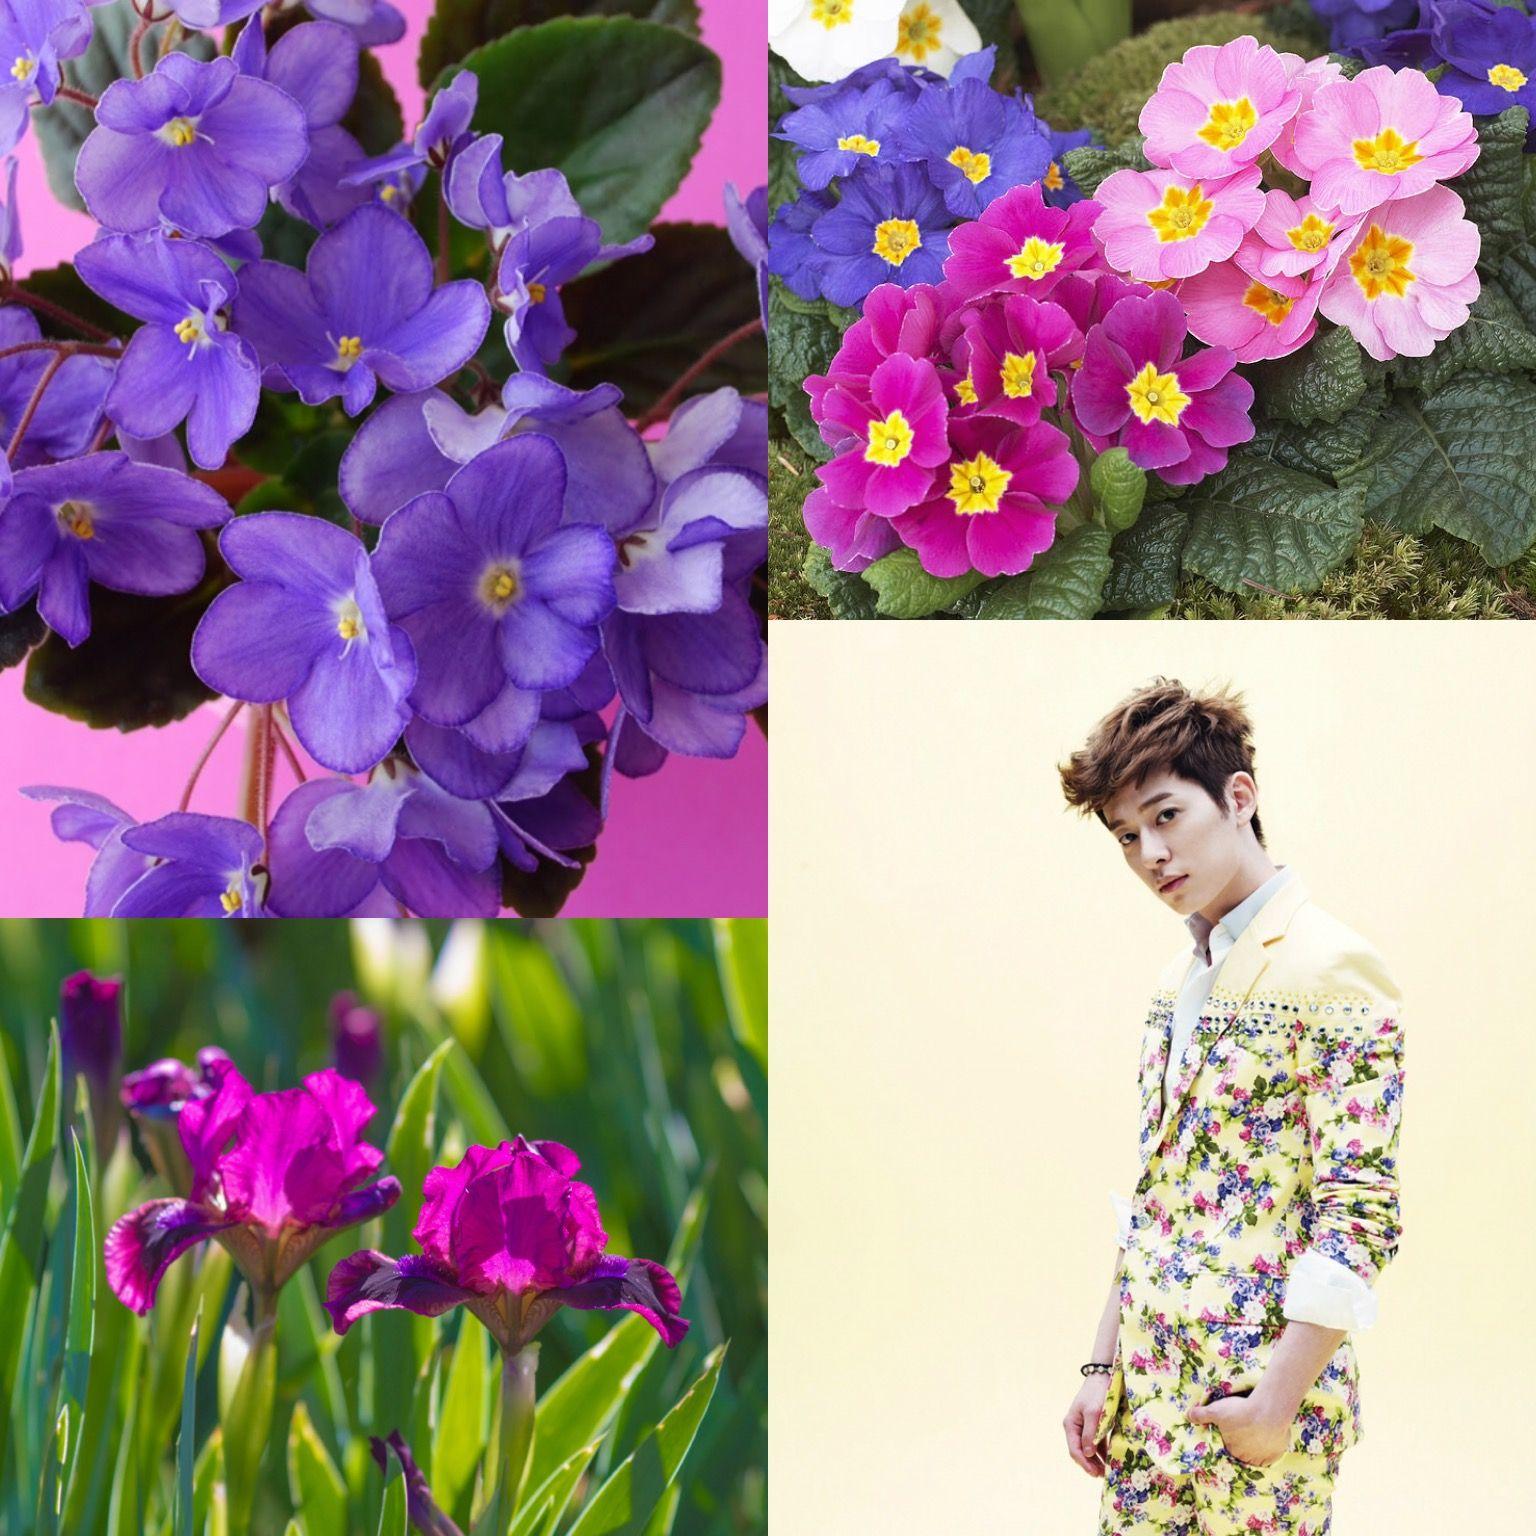 Birthflowerkpop Violets Iris Primrose Donghyun Of